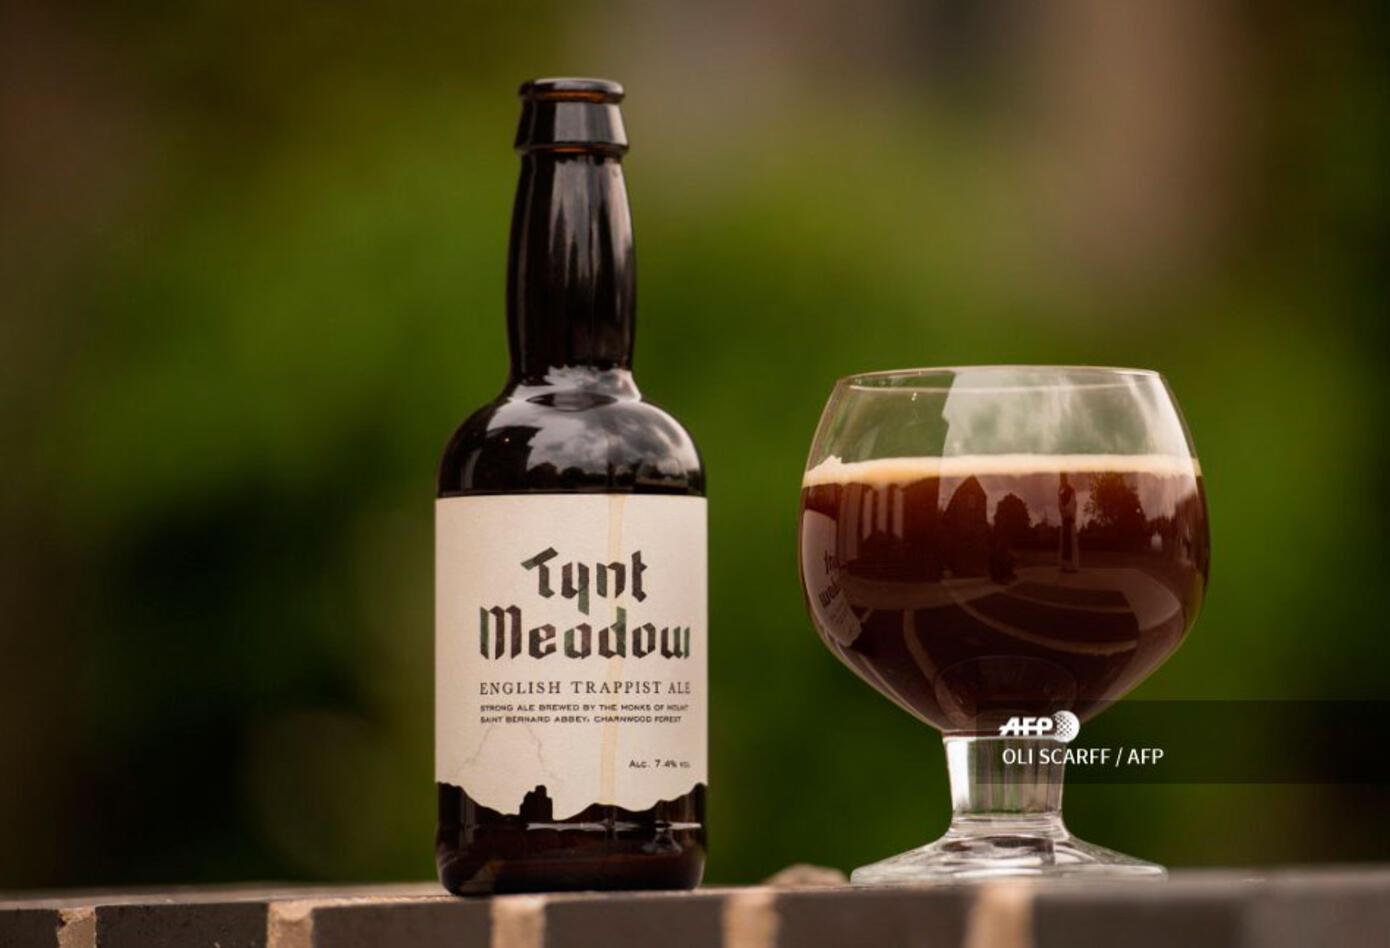 En los alrededores de la apacible abadía de Monte San Bernardo, en el centro de Inglaterra, los monjes se han 'convertido' a la cerveza artesanal.